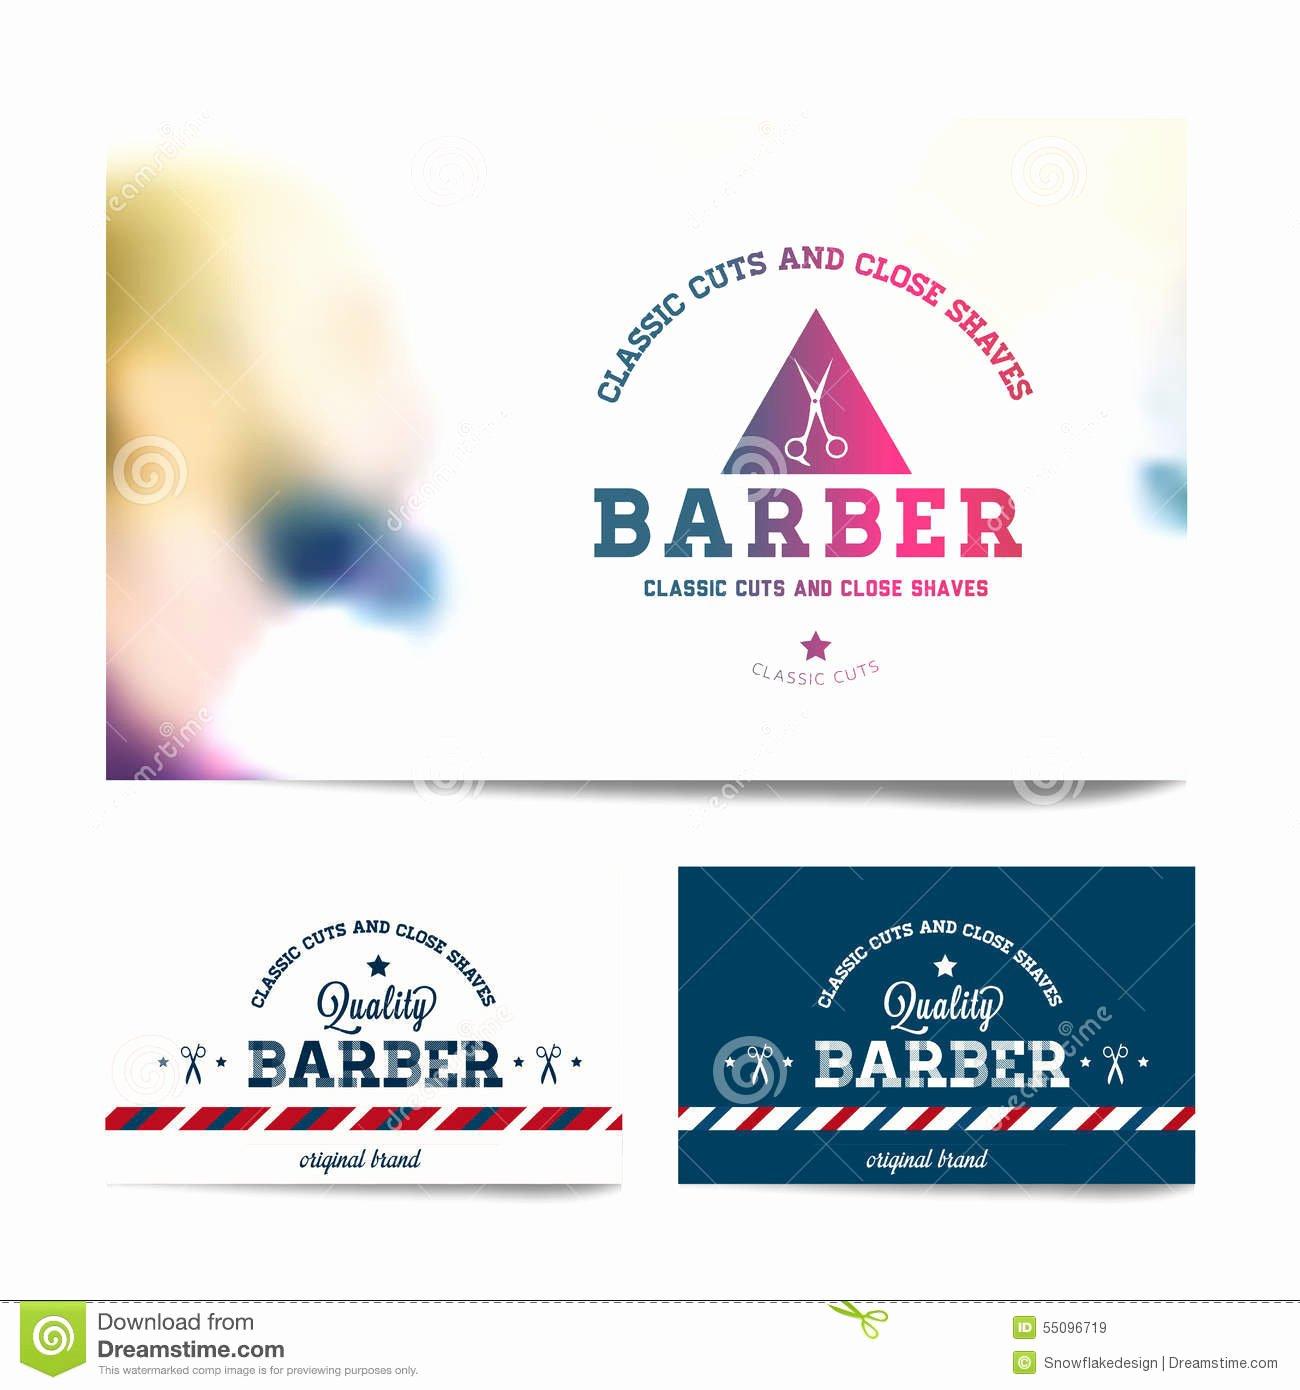 Barber Business Card Template Elegant Barber Shop Business Card Template Stock Vector Image